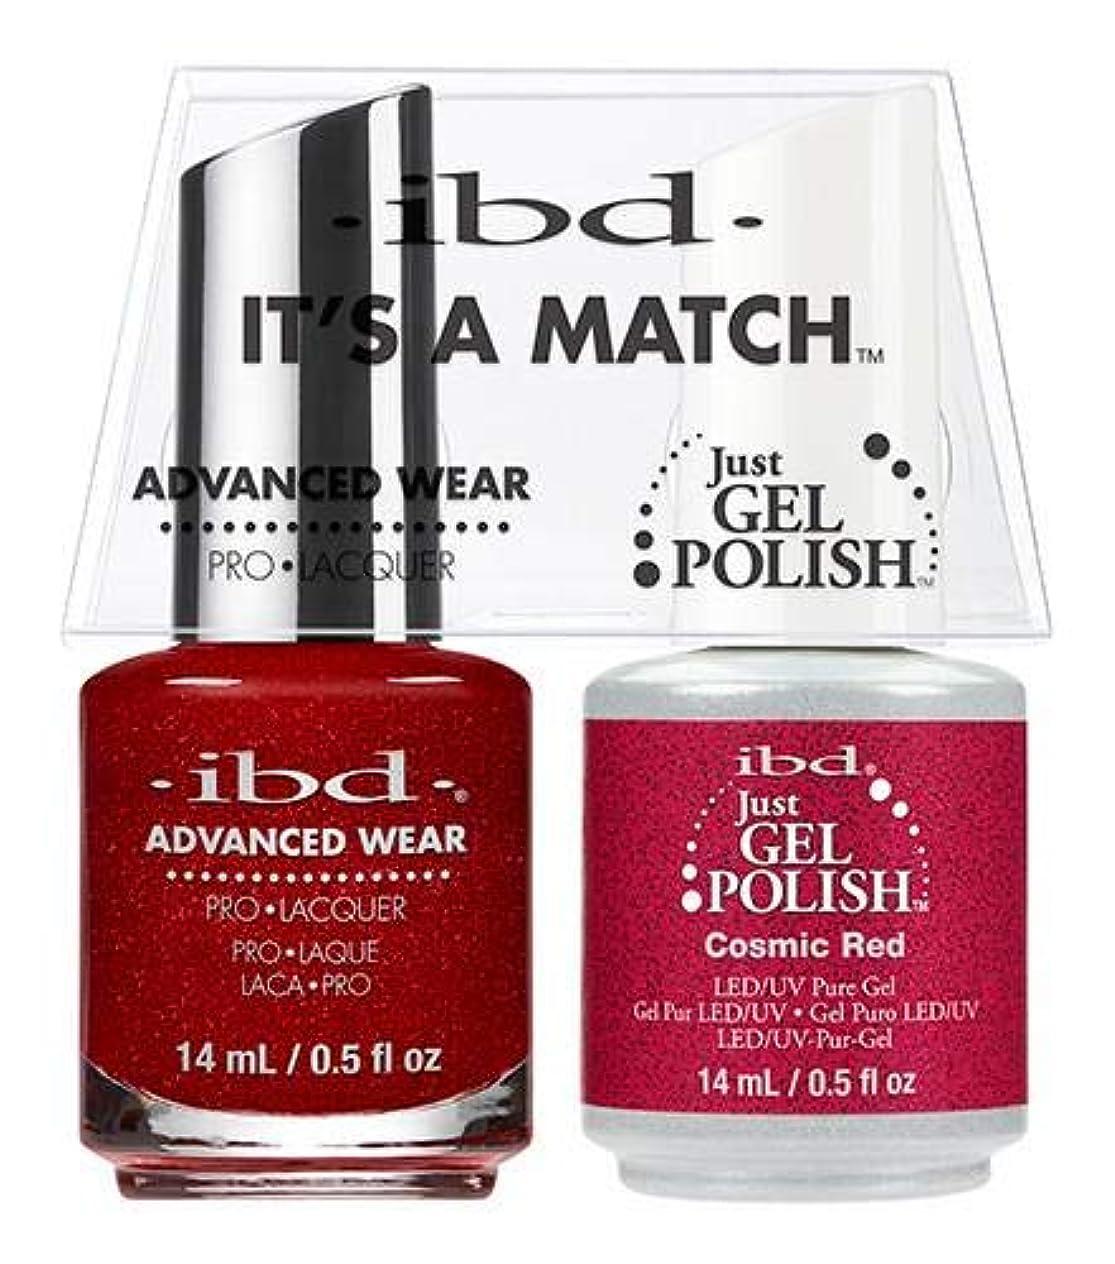 捨てるところで水曜日IBD Advanced Wear -